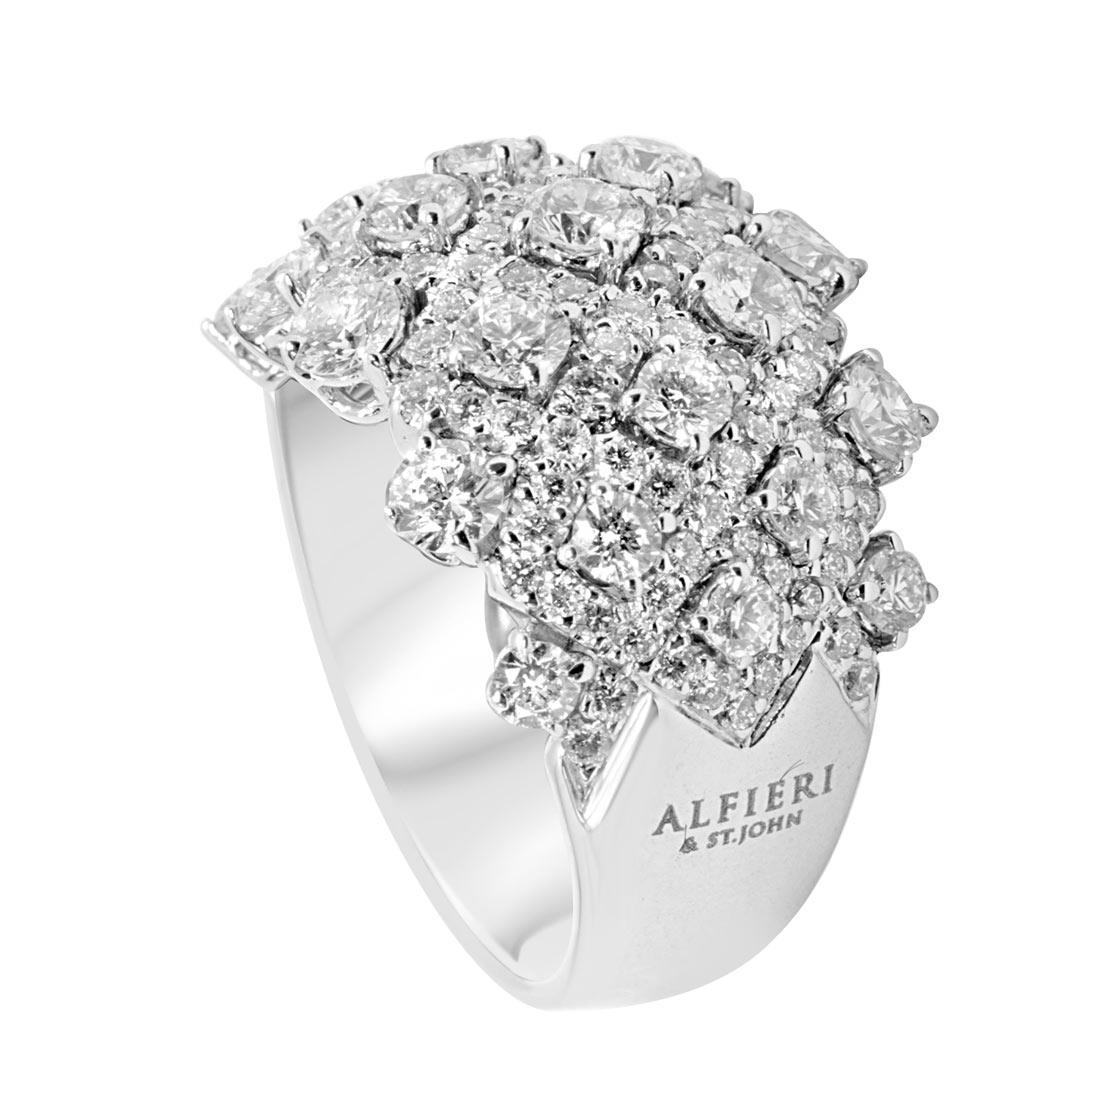 Anello in oro bianco con diamanti 2,85 ct mis 13 - ALFIERI ST JOHN